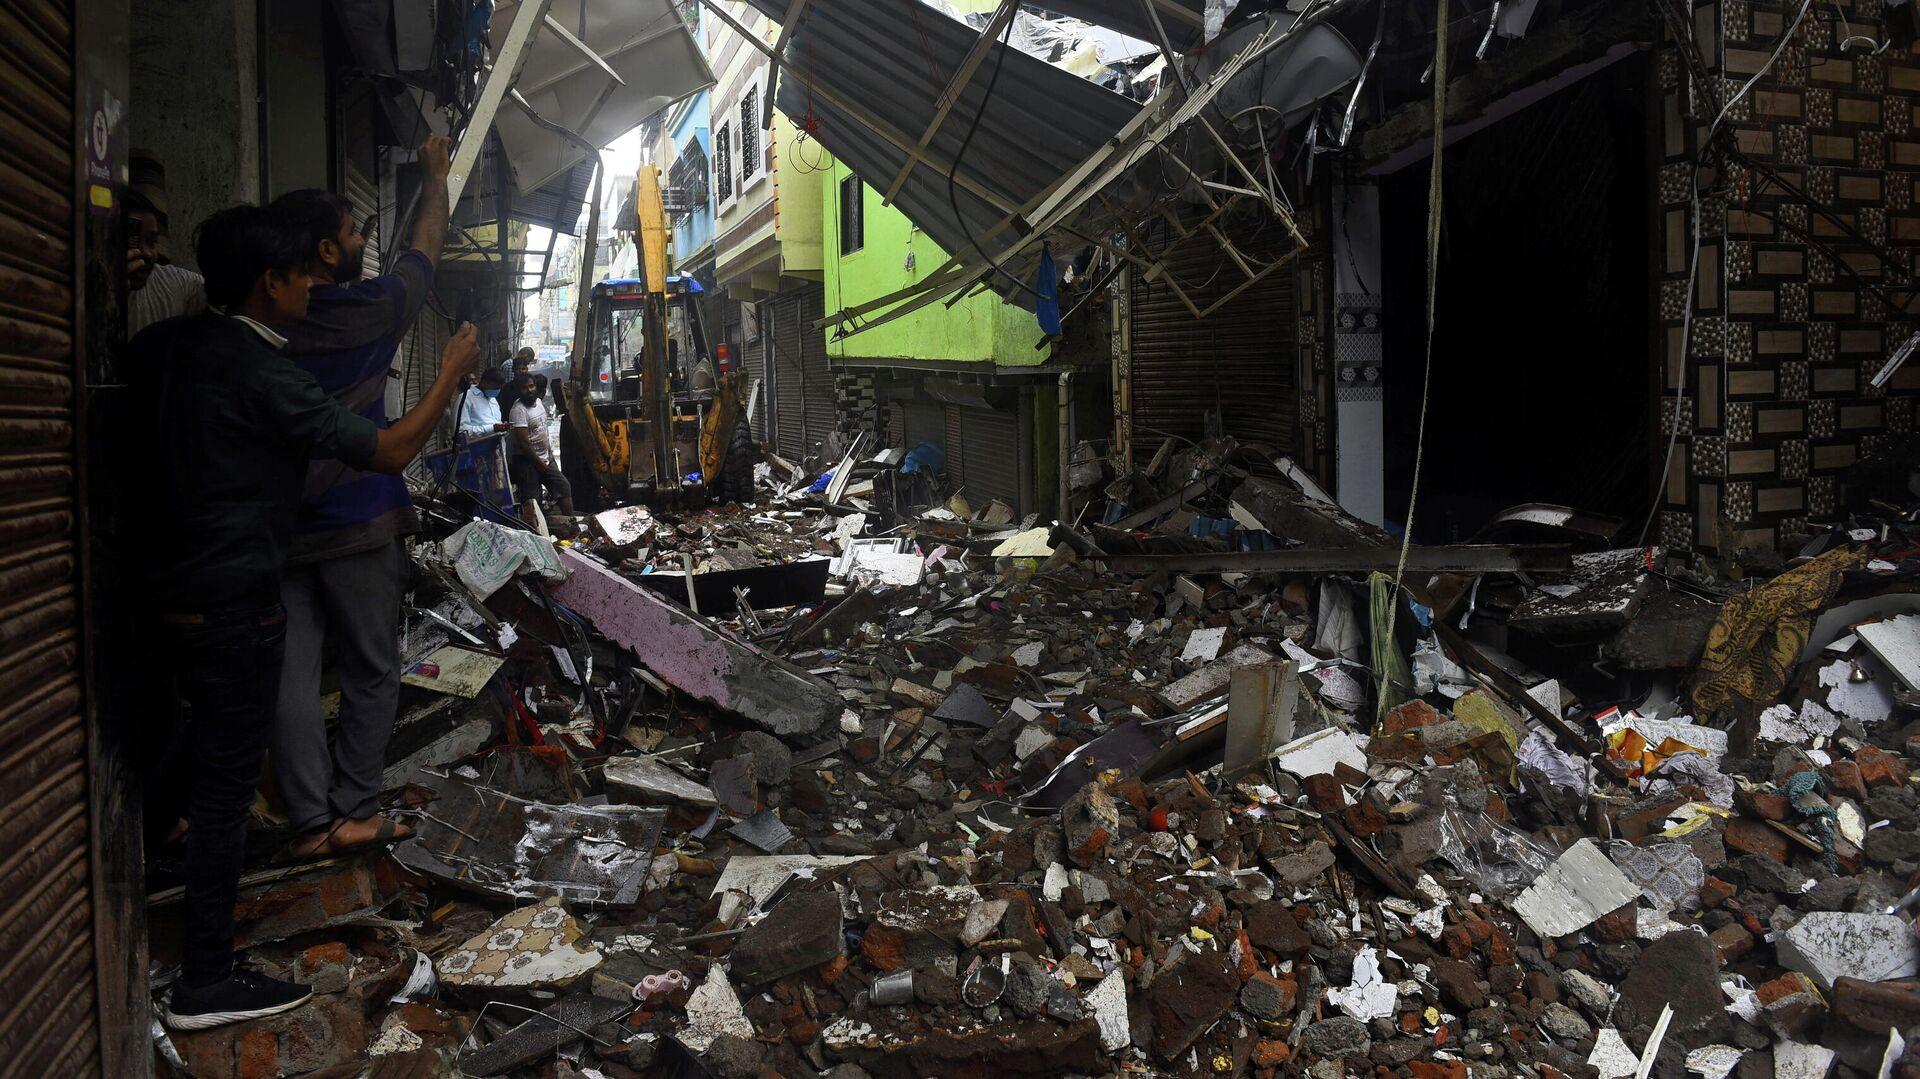 La gente usa sus teléfonos móviles para tomar fotos de un edificio derrumbado tras las lluvias en Mumbai, India, el 23 de julio de 2021 - Sputnik Mundo, 1920, 24.07.2021